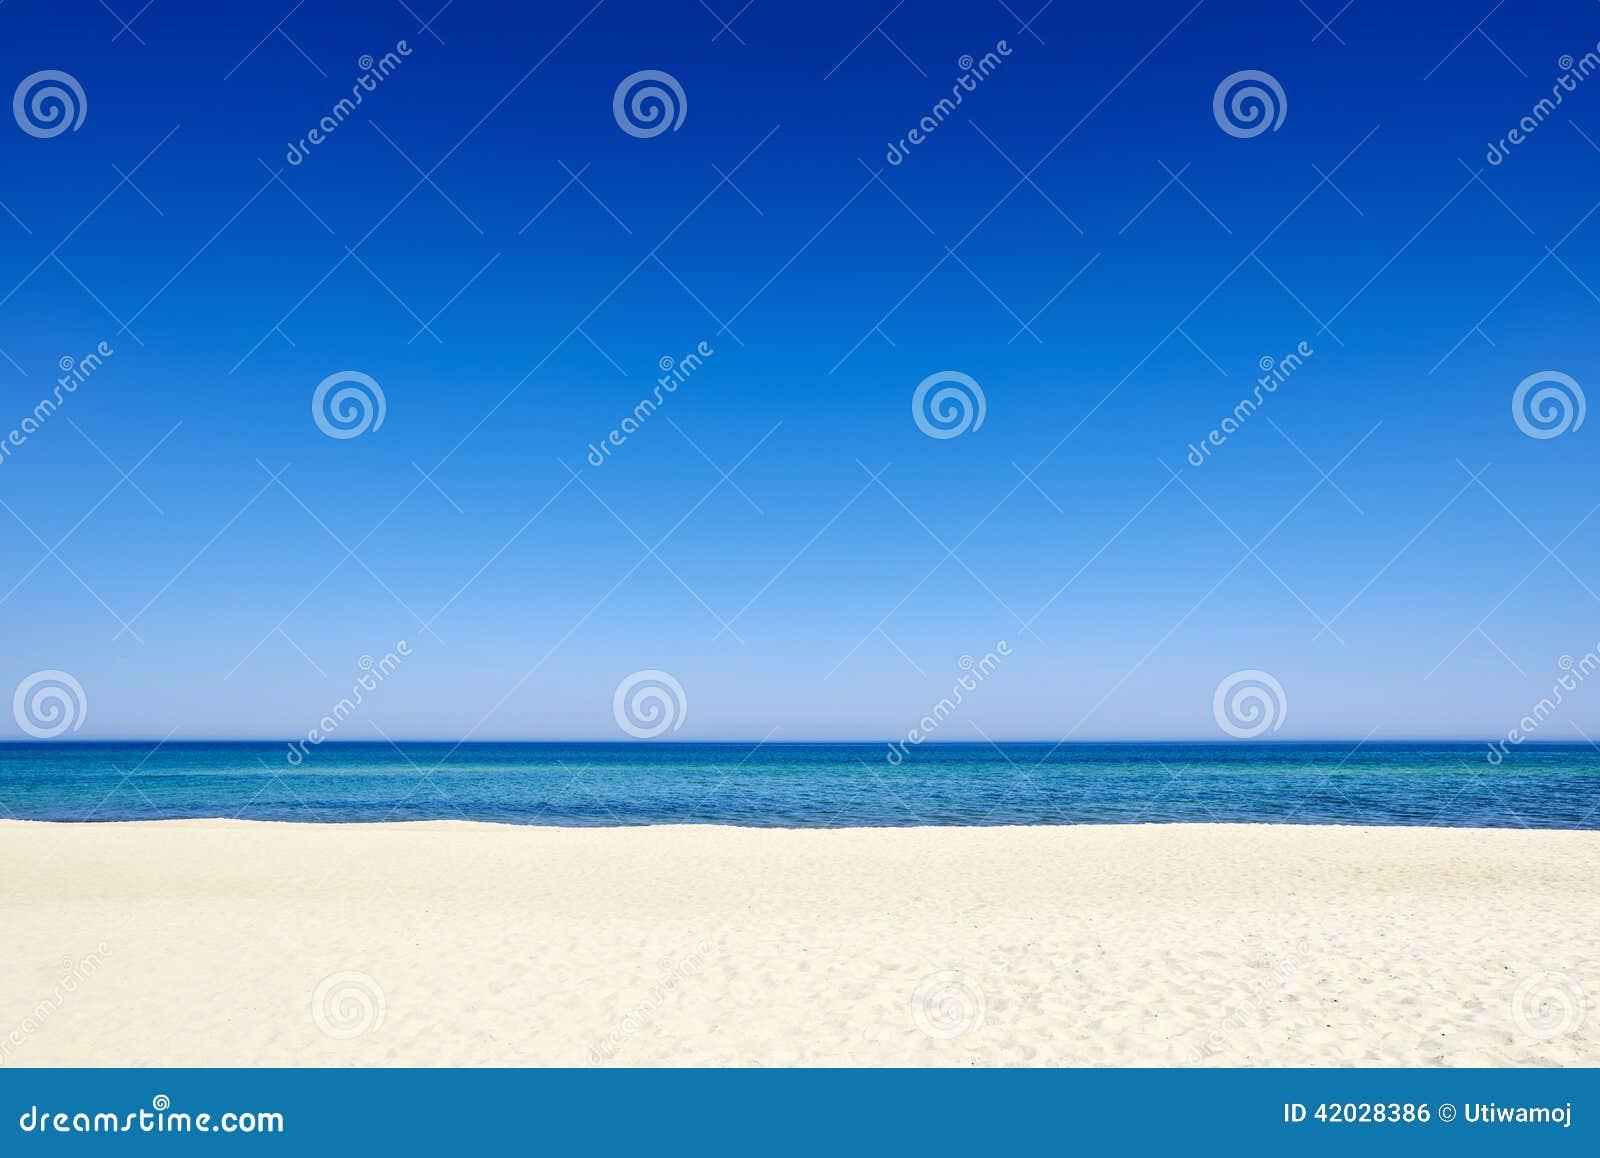 Praia do fundo da areia da costa de mar do céu azul do verão